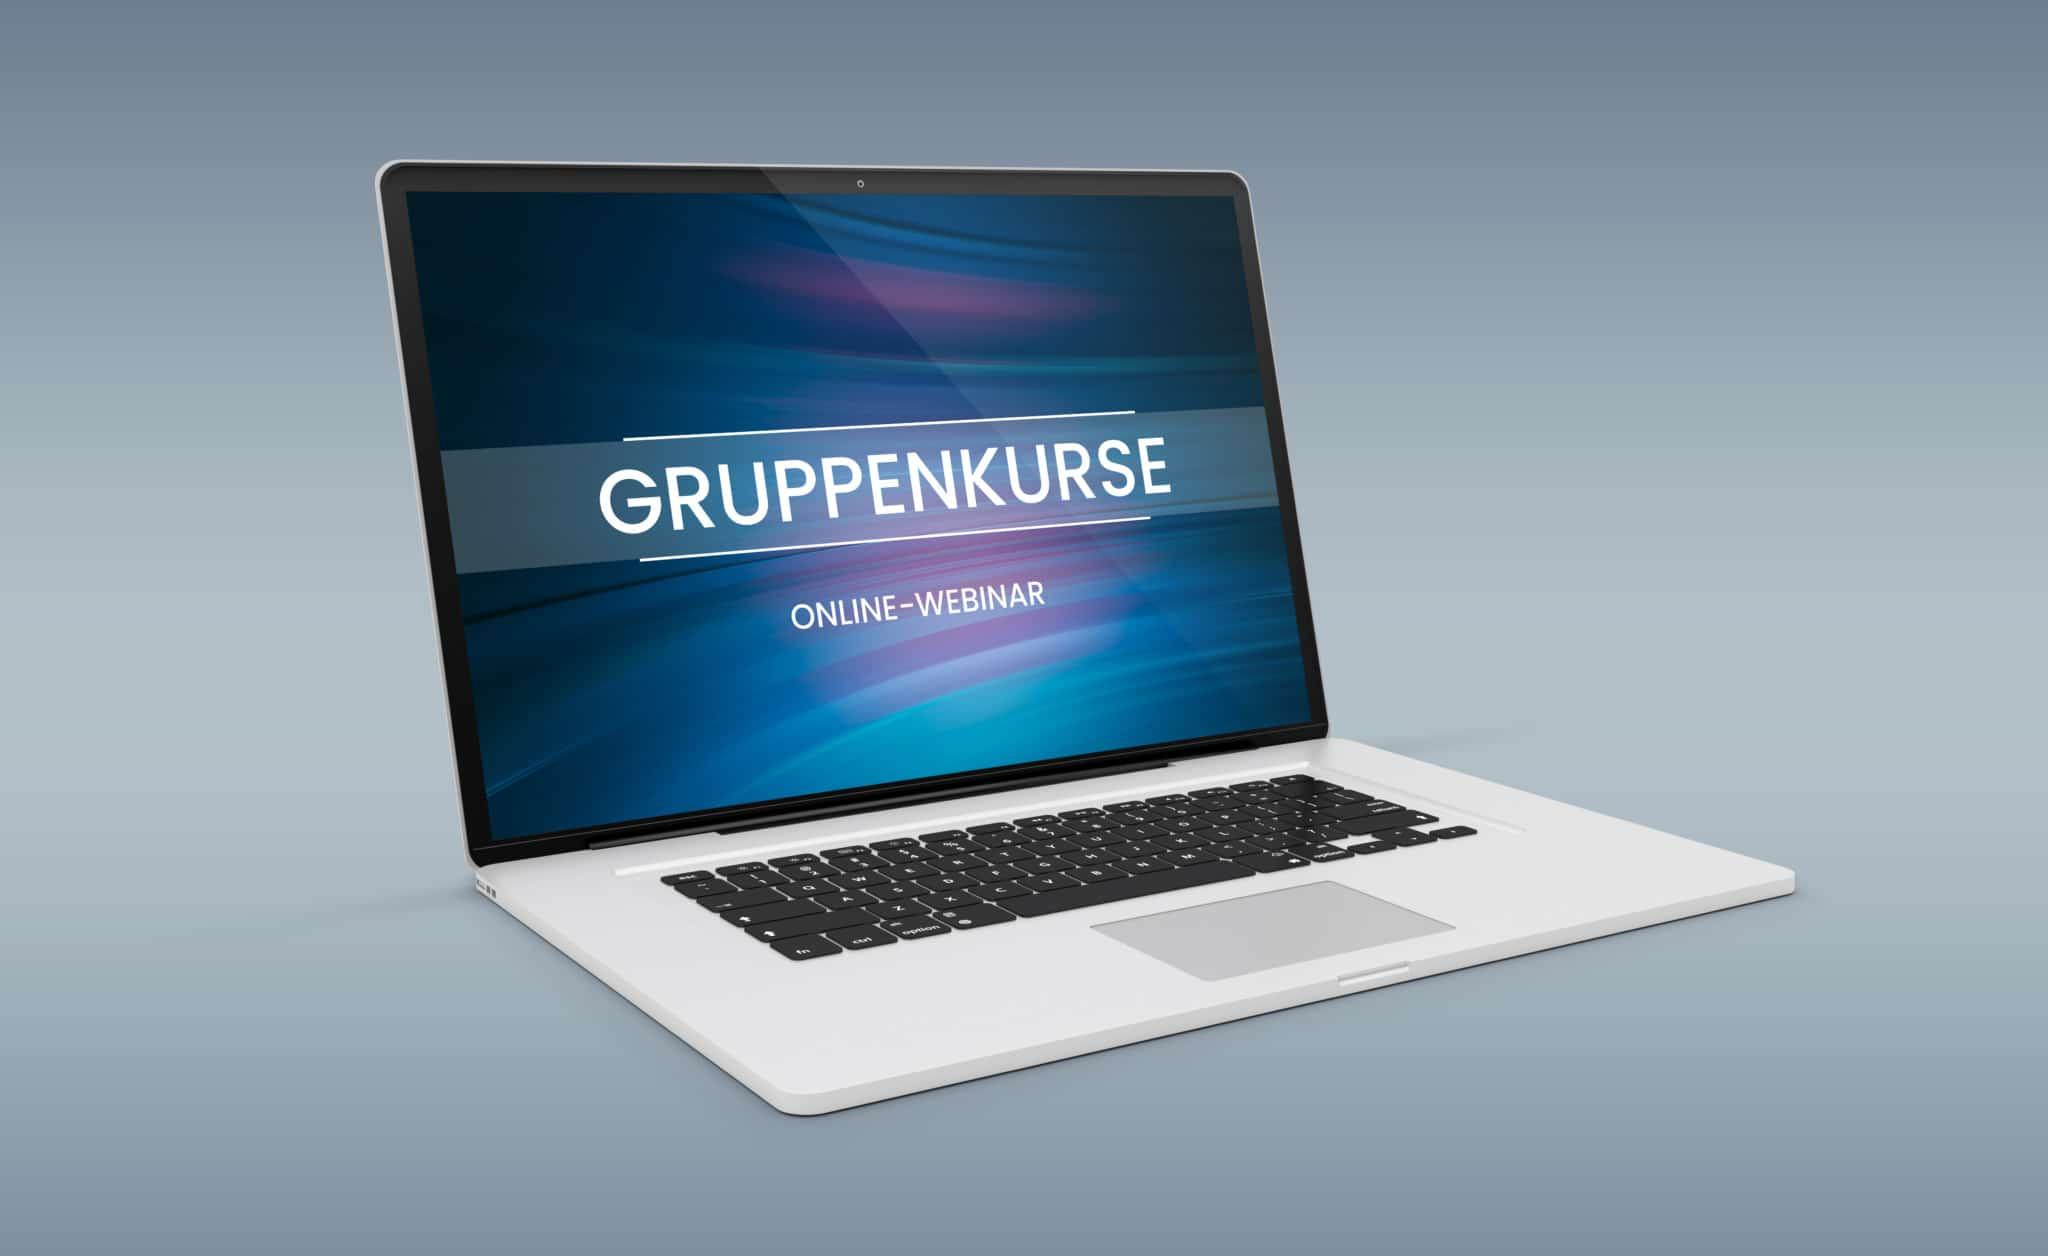 Gruppenkurse online